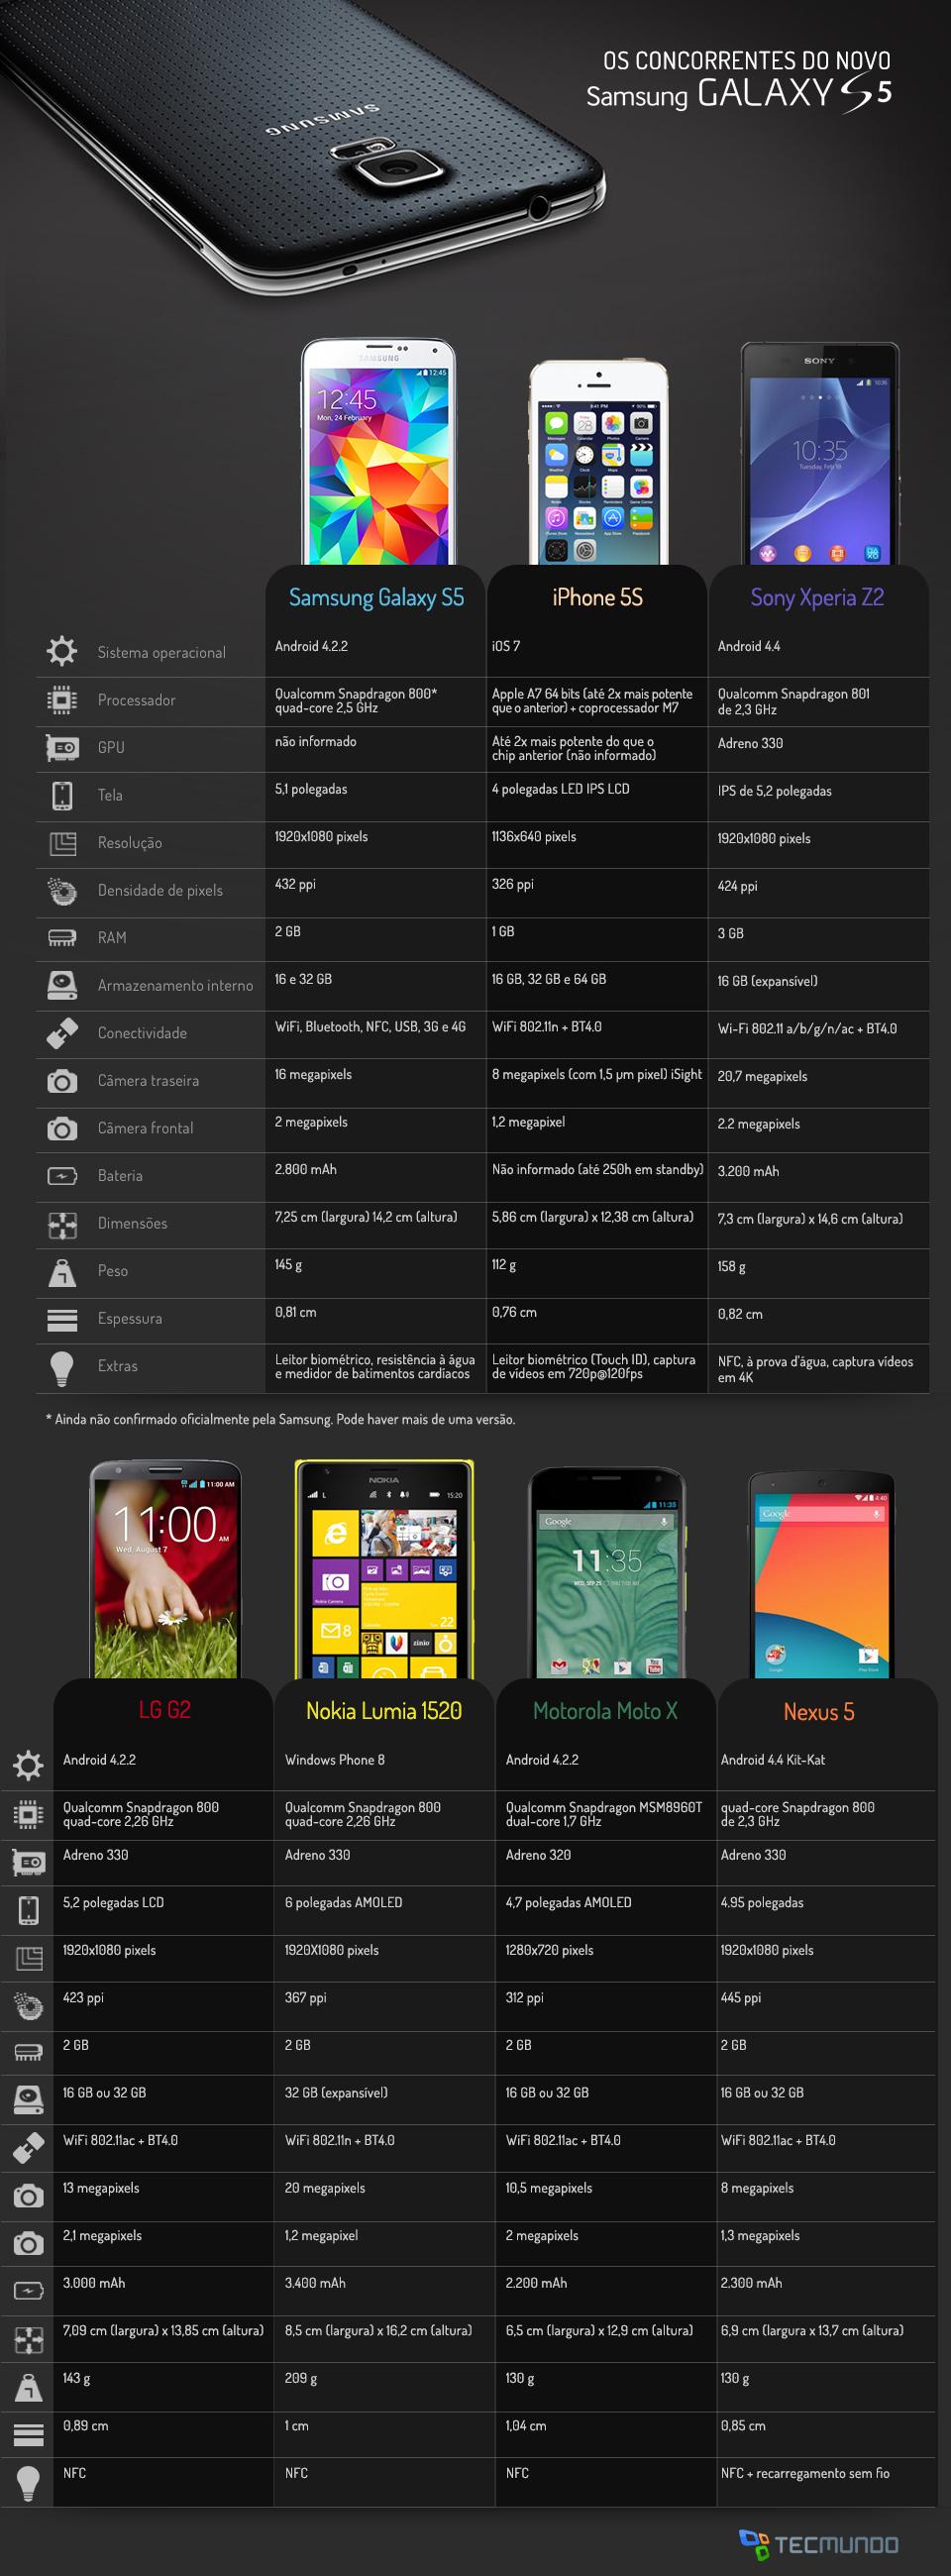 Infográfico - Comparação: Samsung Galaxy S5 contra os principais smartphones do mercado